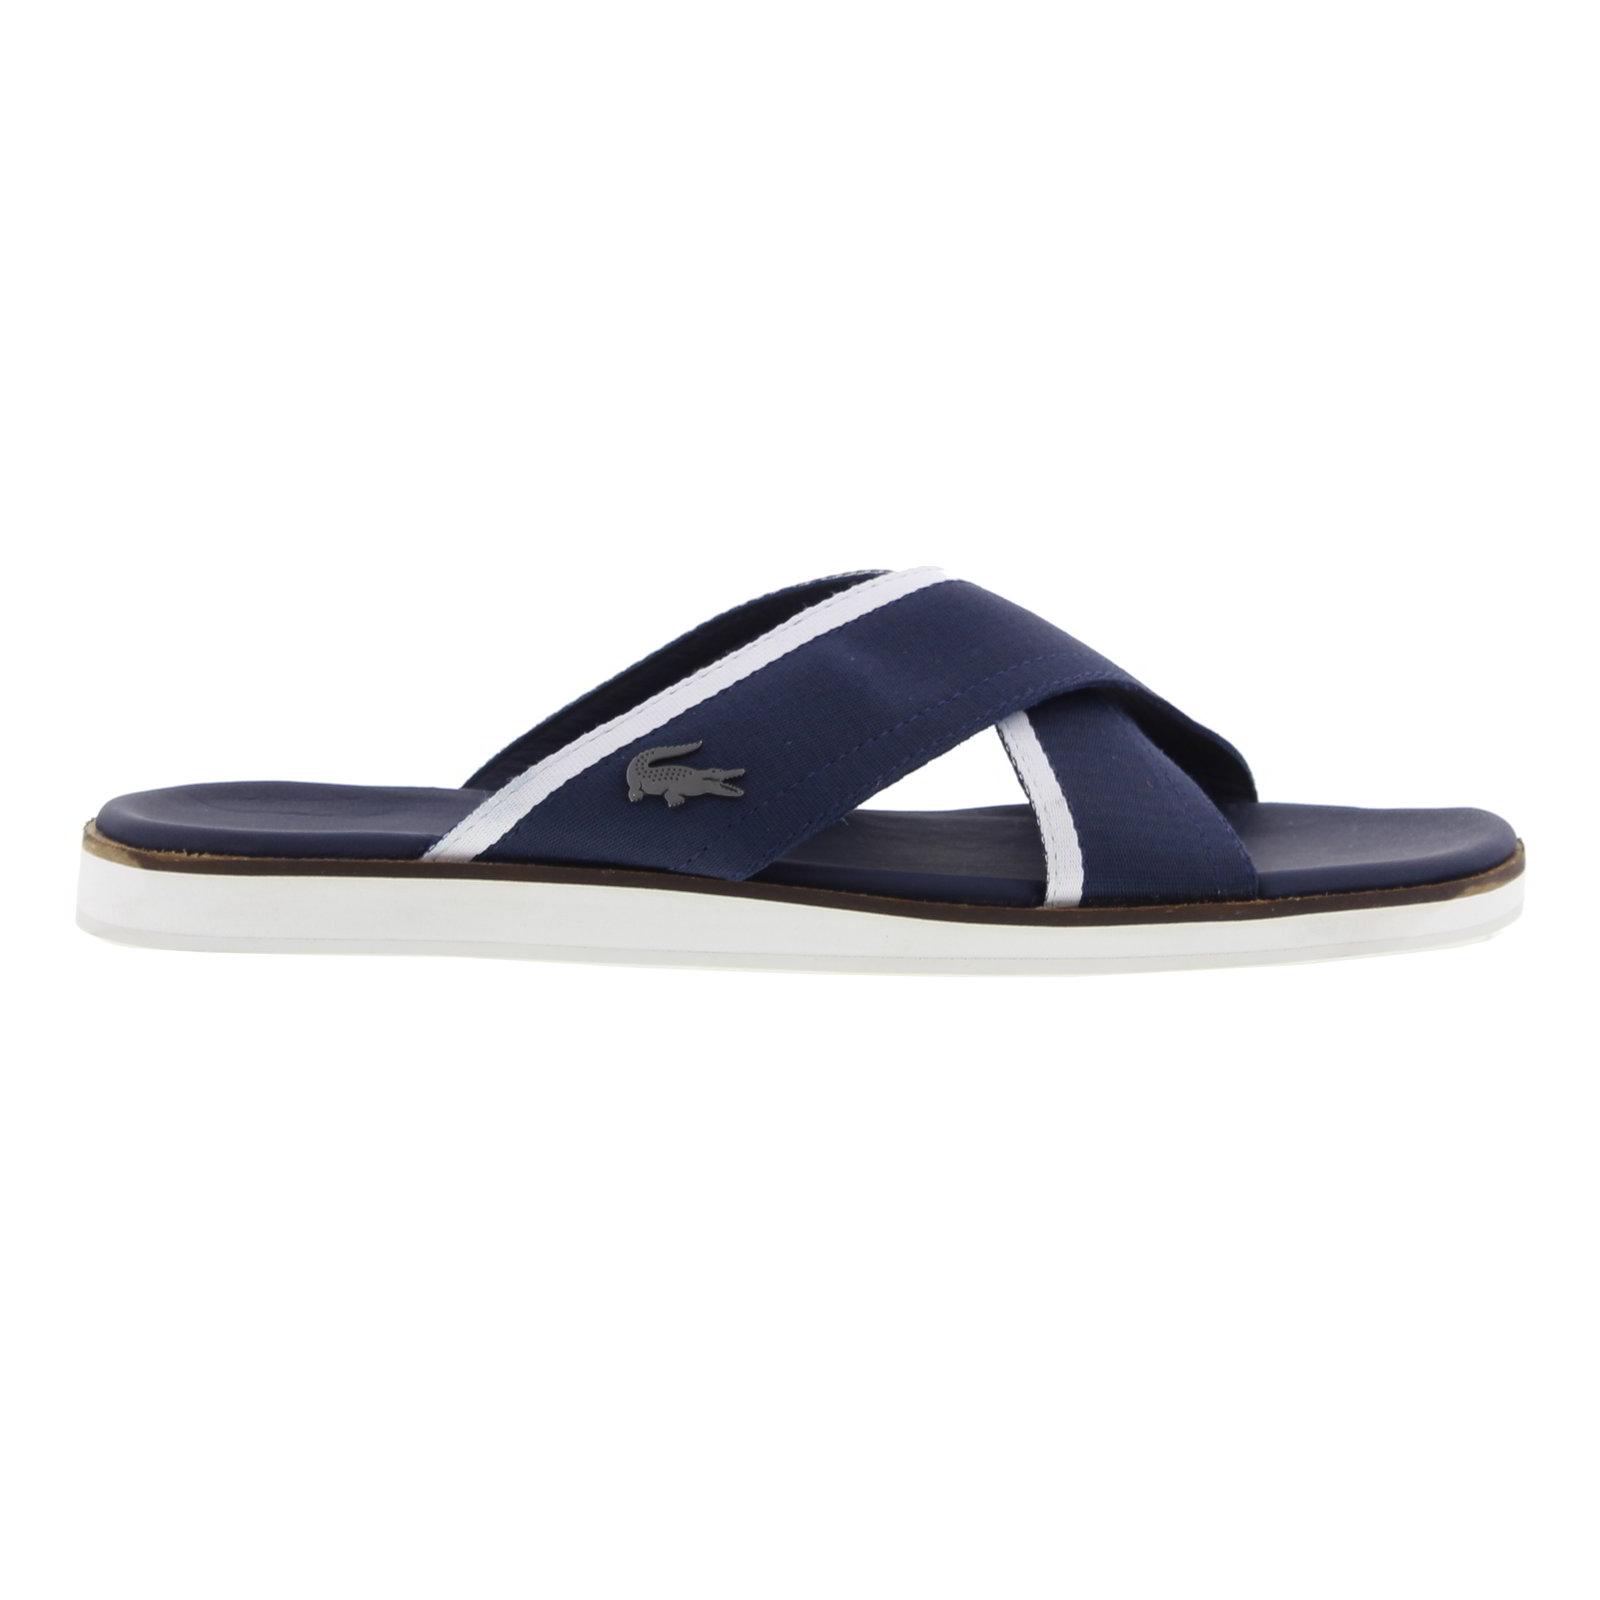 d04e29a62 Detalles de Lacoste Coupri Sandalia 117 1 Cam Mens Azul Marino se Desliza  Sandalias Zapatos Talla 7-8- ver título original